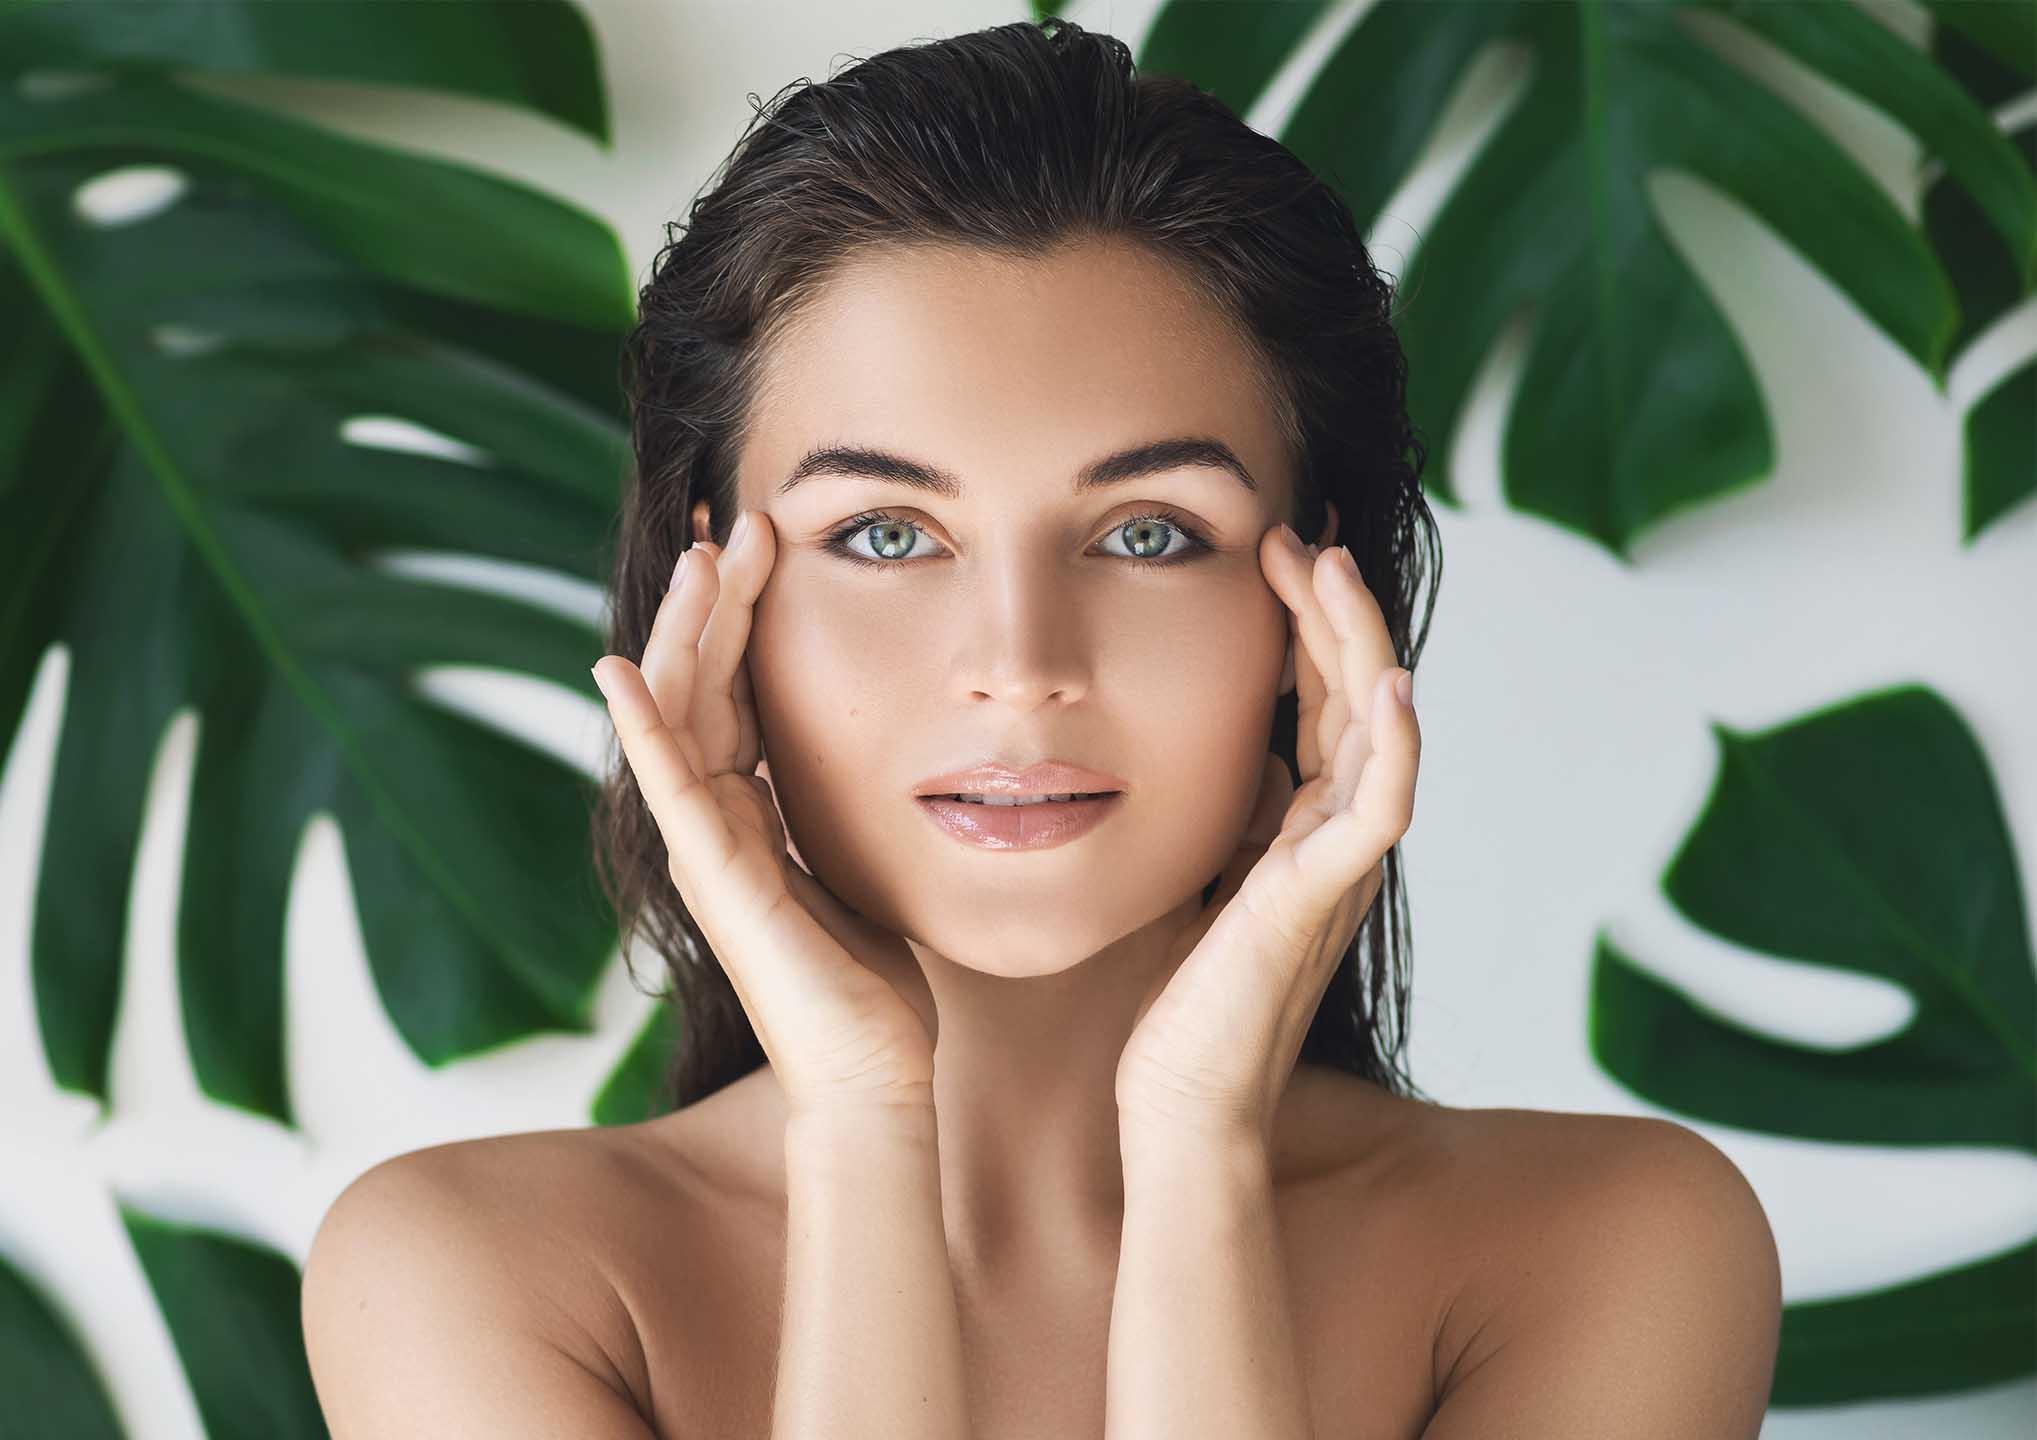 Skin Essentials - Online Skincare Wexford